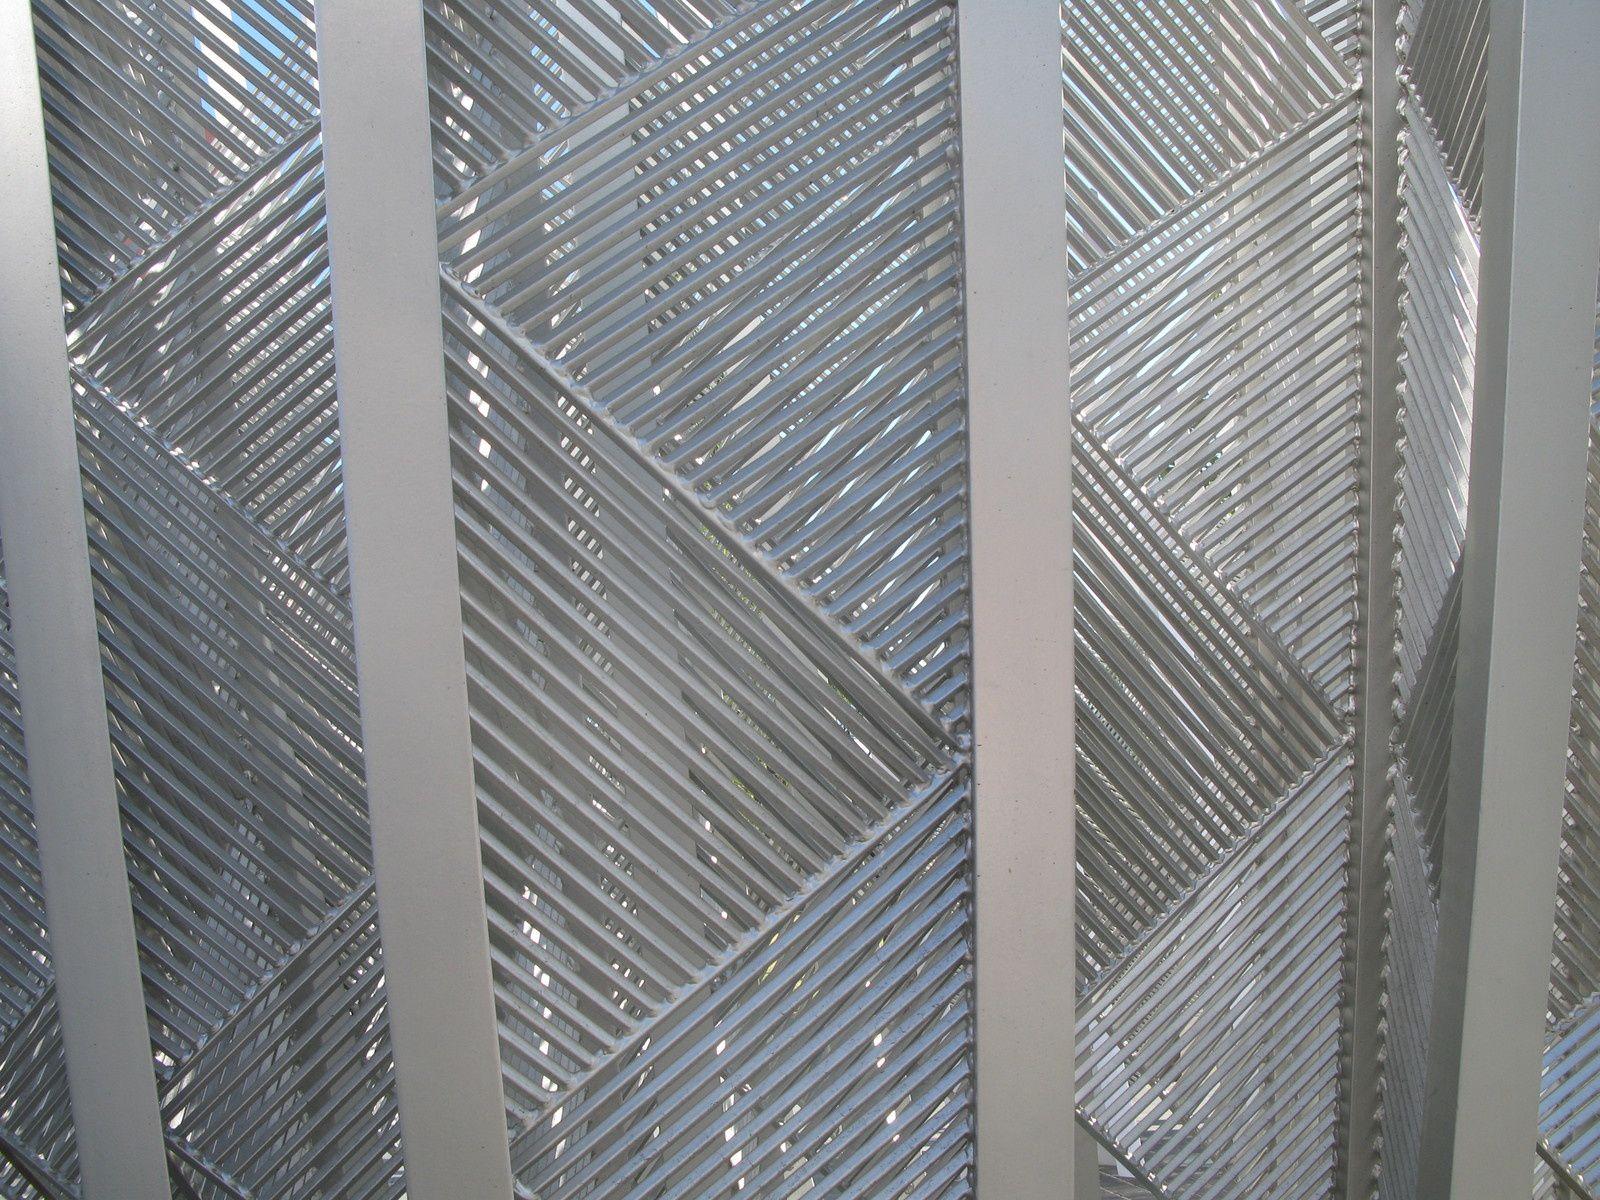 scuptures – zébrures triangulaires - en l'air métalliques - obliques -À Redfern, Australie, 2009.